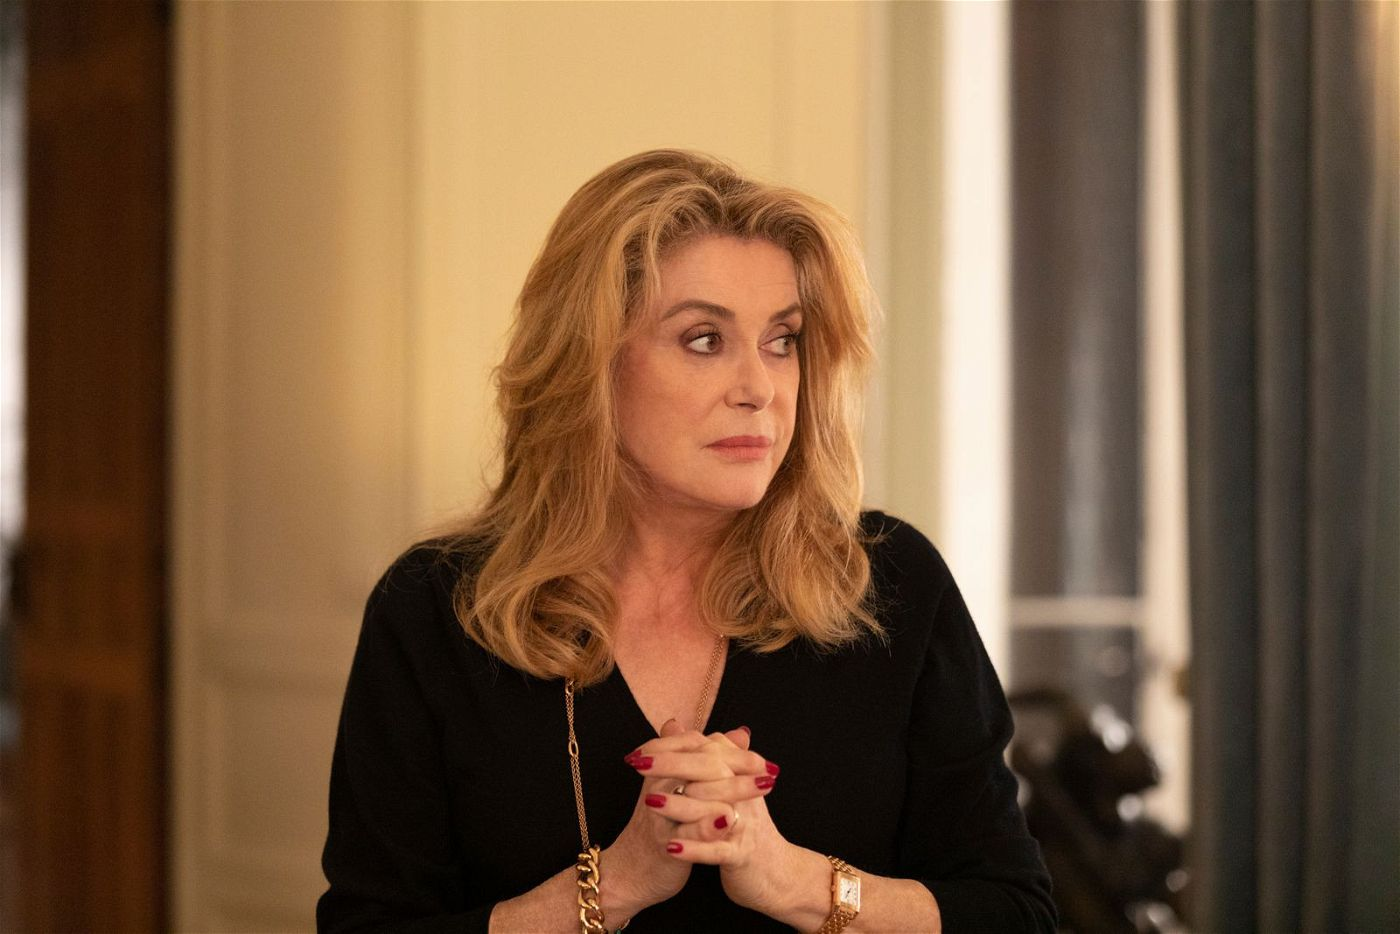 Fabienne (Catherine Deneuve) ist eine gefeierte Schauspielerin, kämpft privat allerdings mit vielen Problemen.